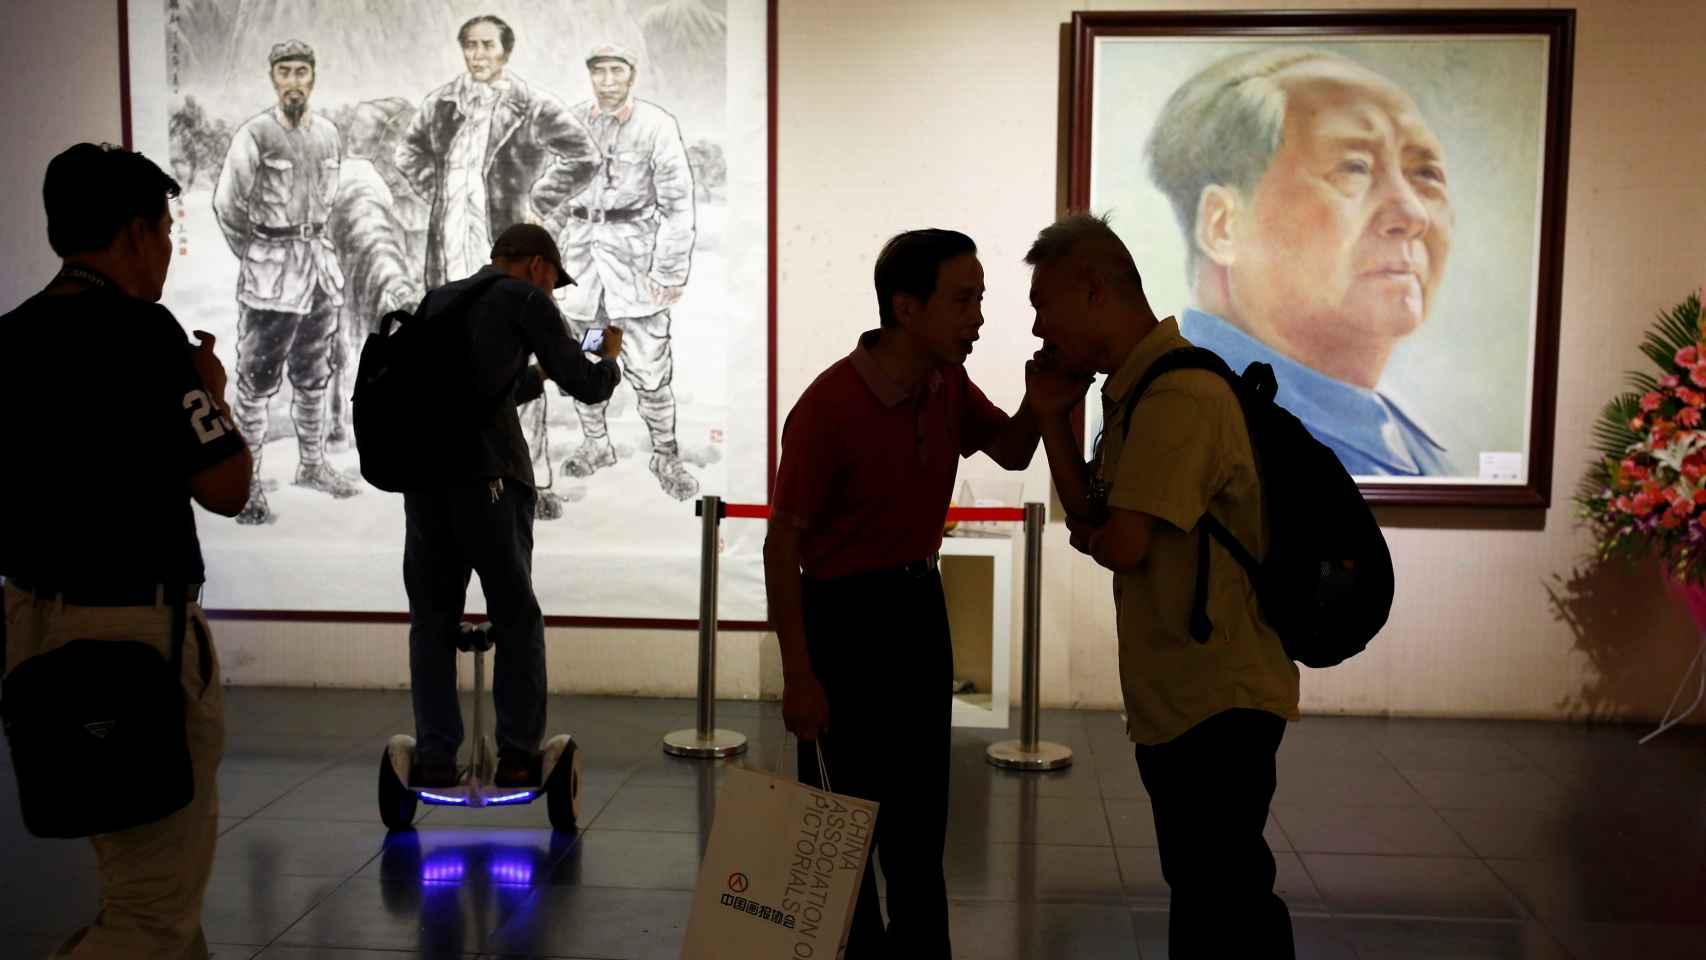 Visitantes ante ilustraciones de Mao Zedong en una exhibición en Pekín. REUTERS/Thomas Peter